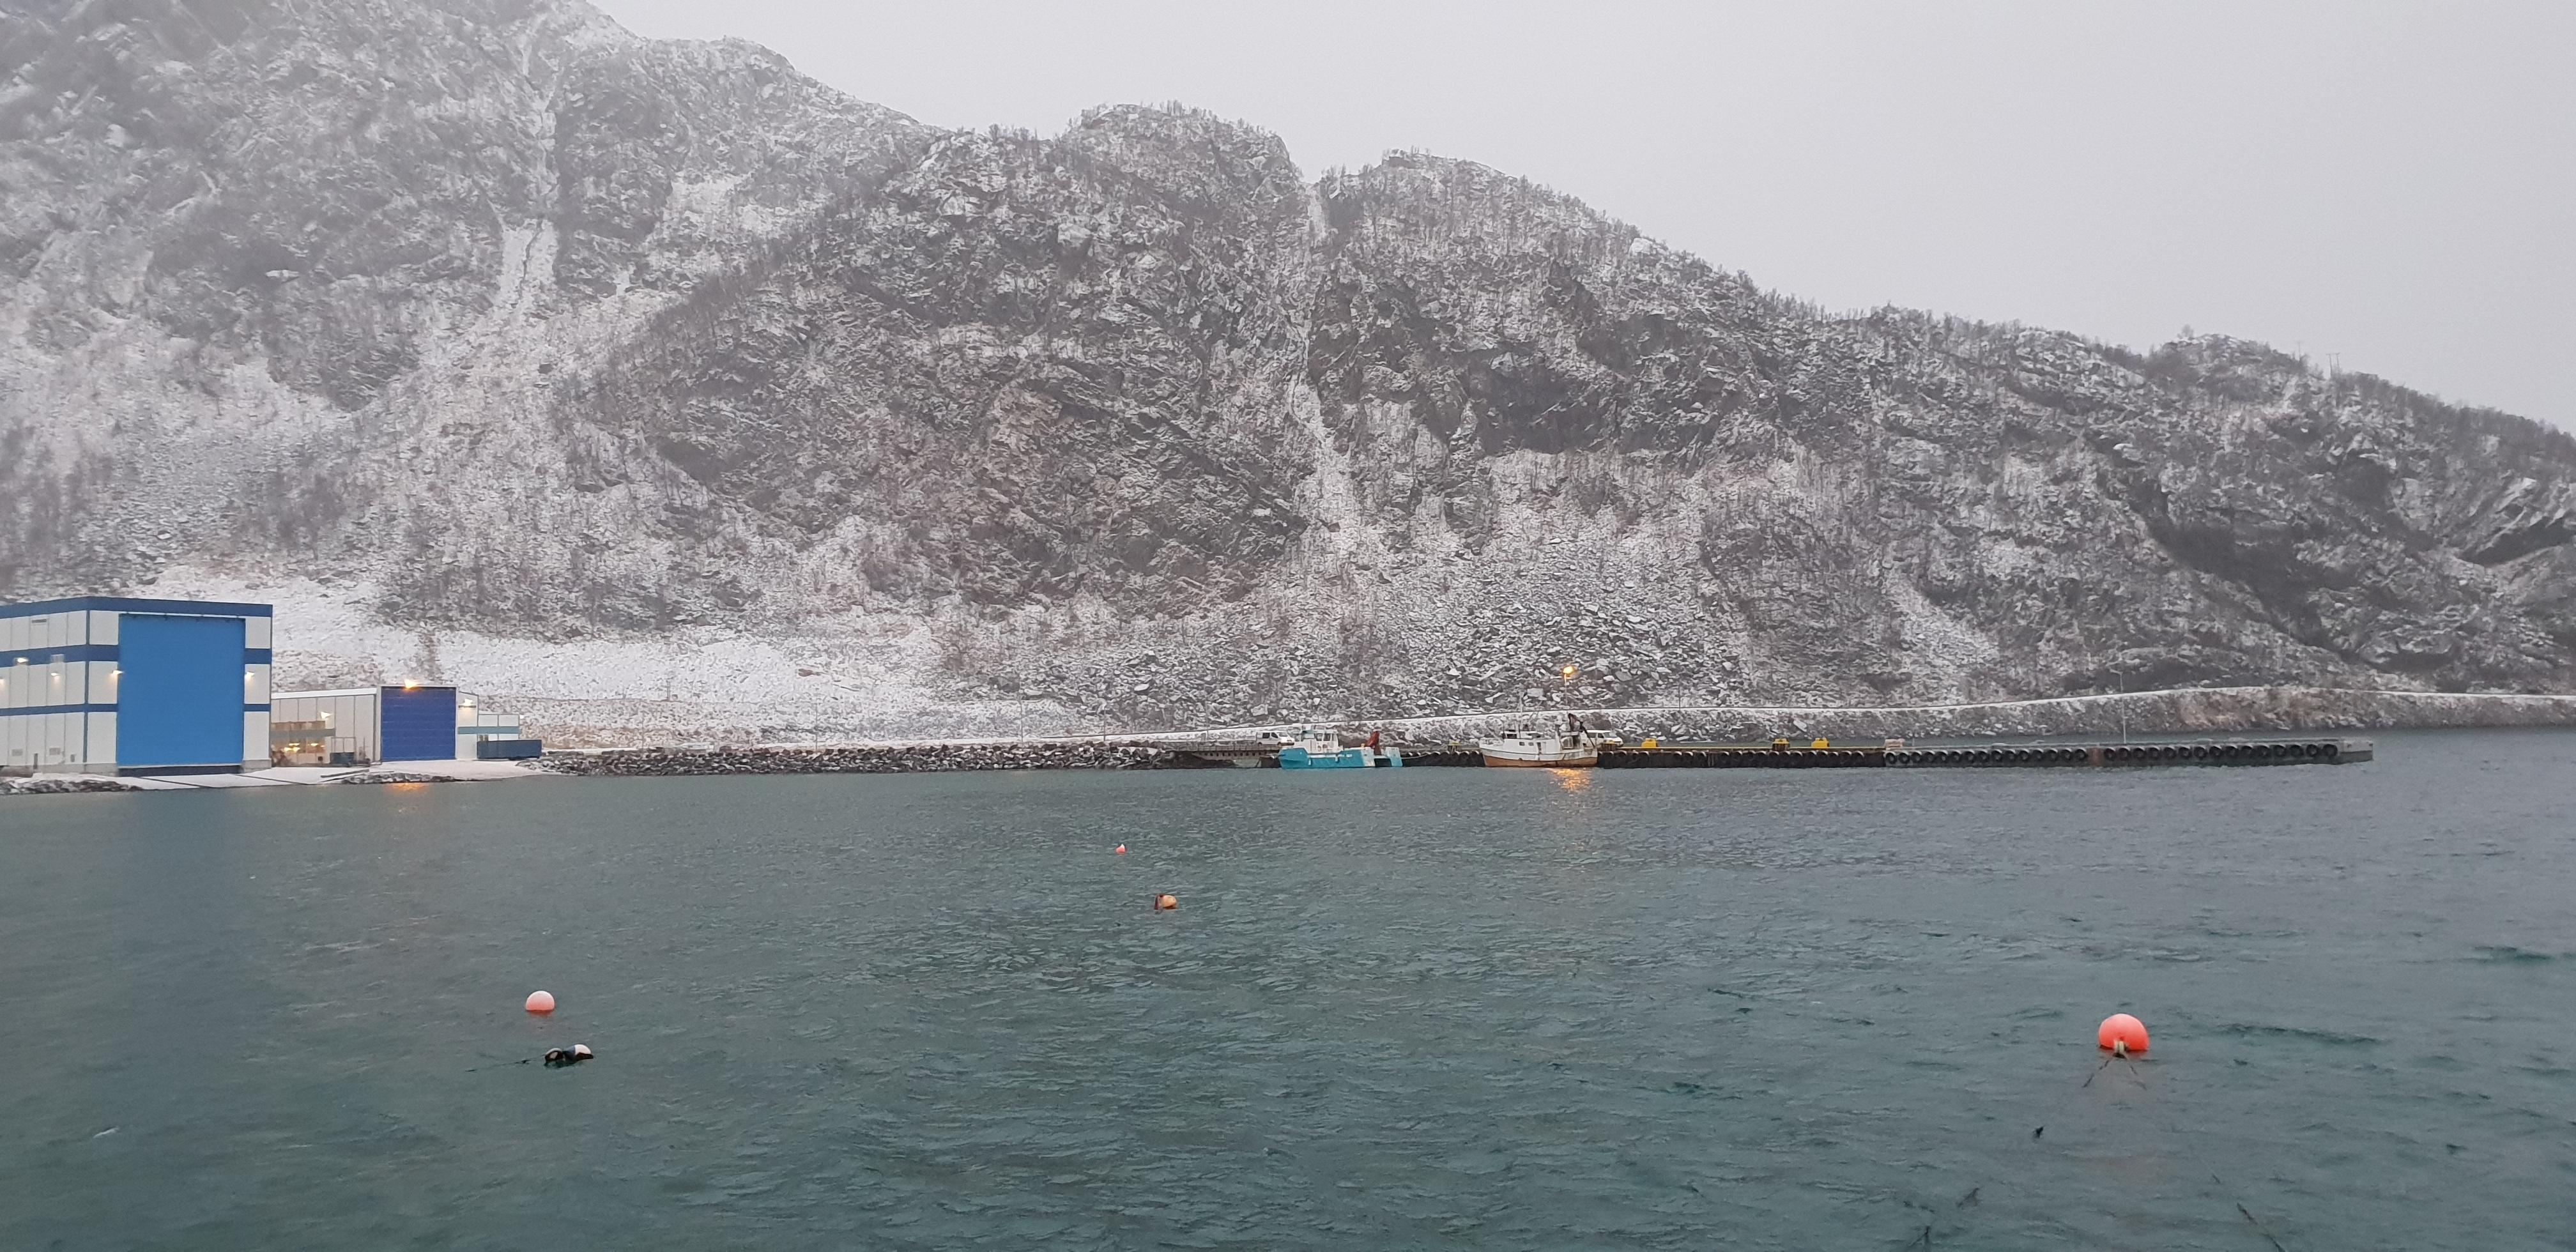 https://www.marinasolutions.no/uploads/Loppa-kommune-Øksfjord-russebrygge-marina-solutions-foto-av-Frydenbø.jpg